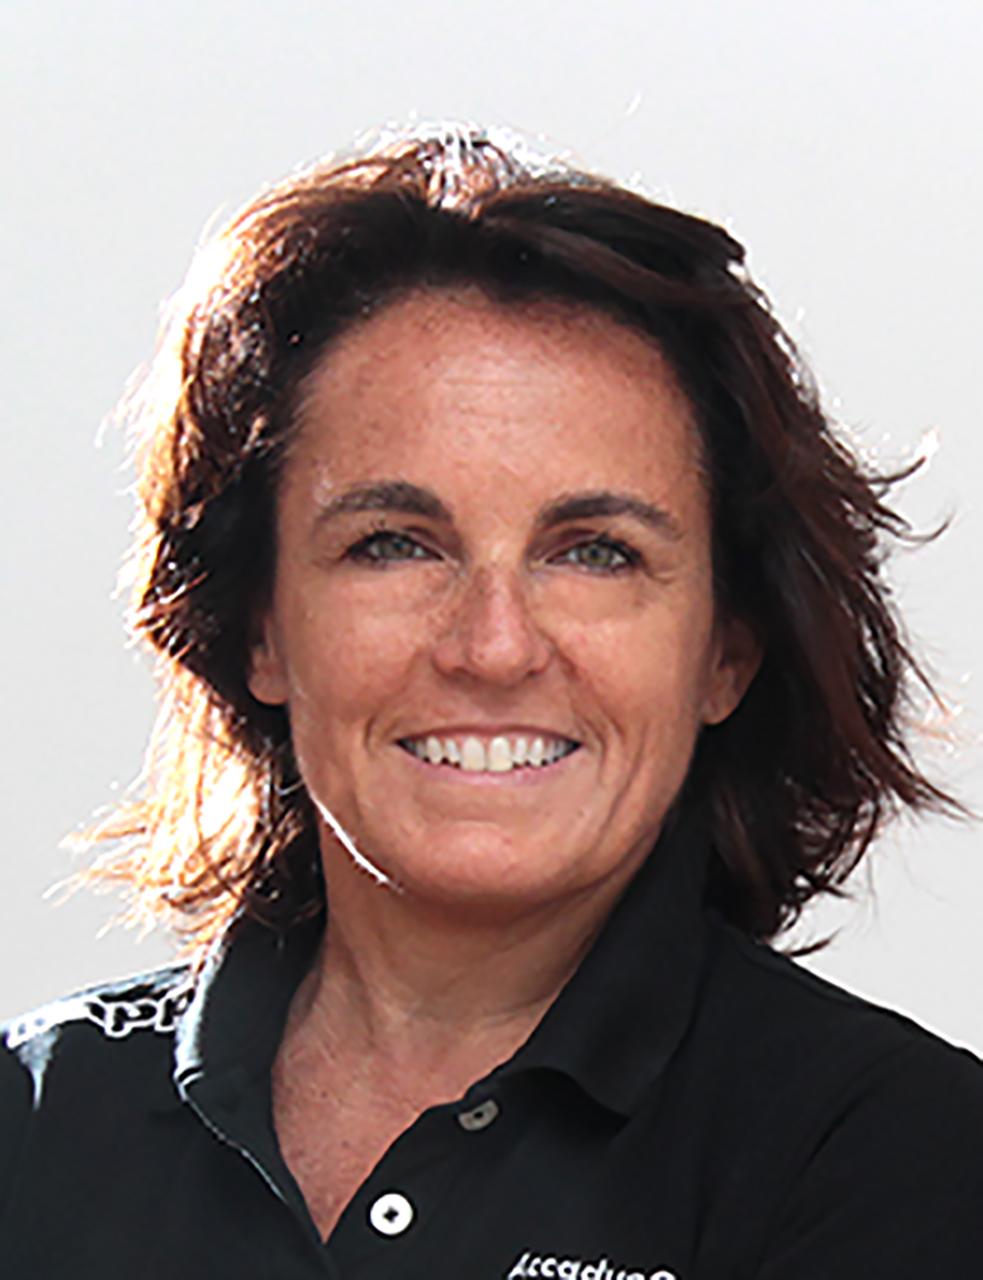 Martina Ganassin